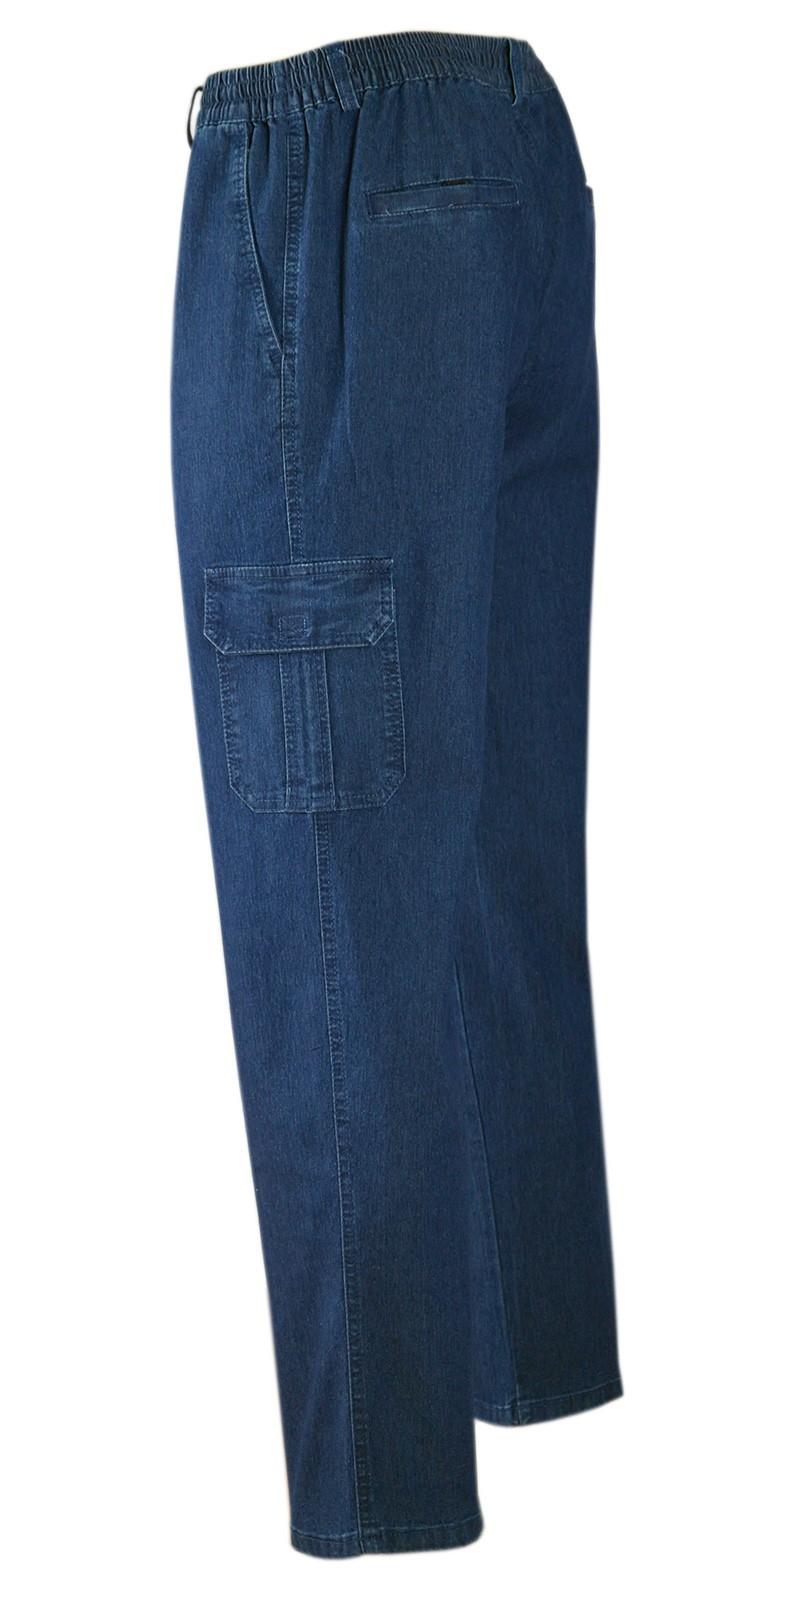 Herren Jeans Stretch Schlupfhose Schlupfjeans Gummizughosen Sommer Kollektion blue